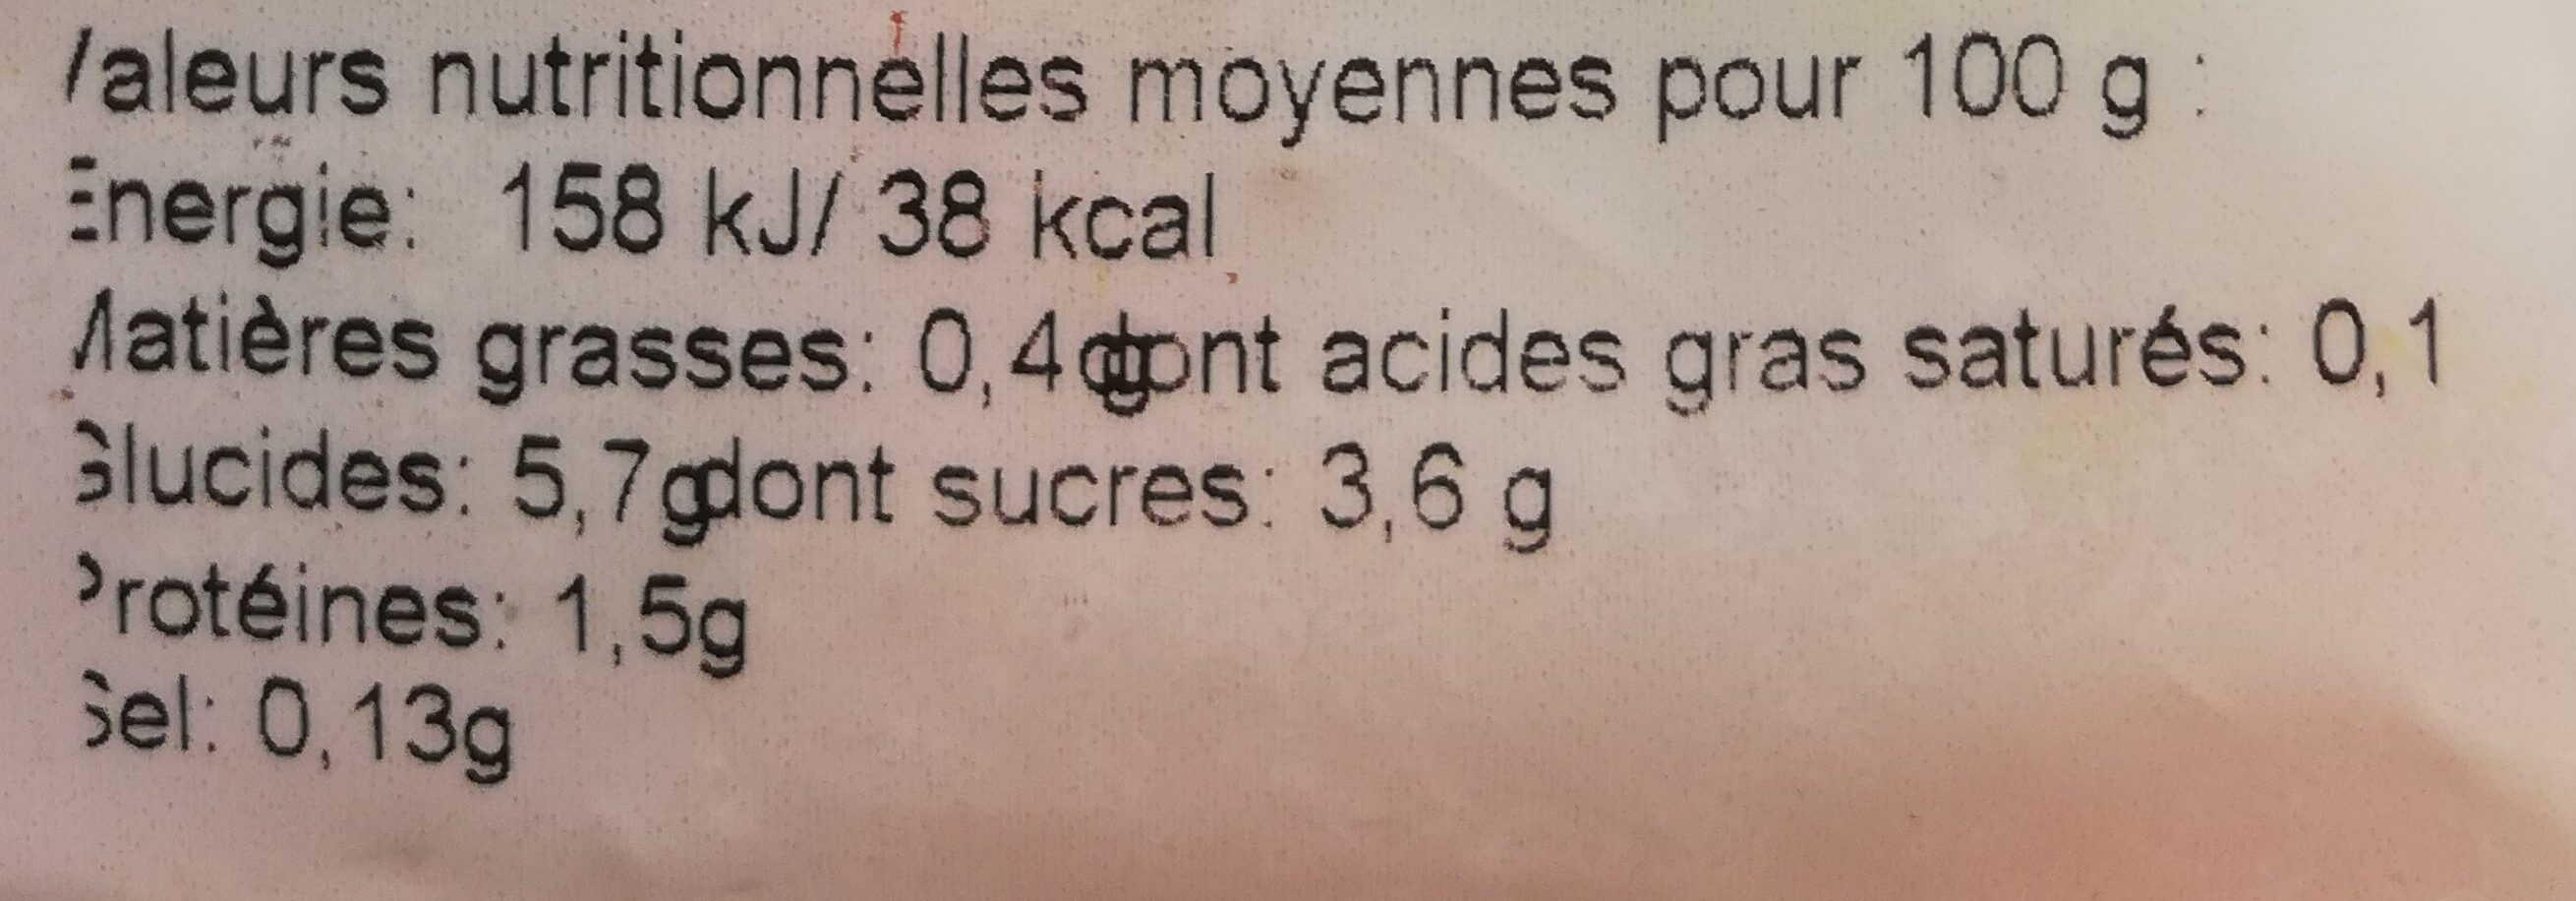 Mes Légumes Surgelés - Informations nutritionnelles - fr